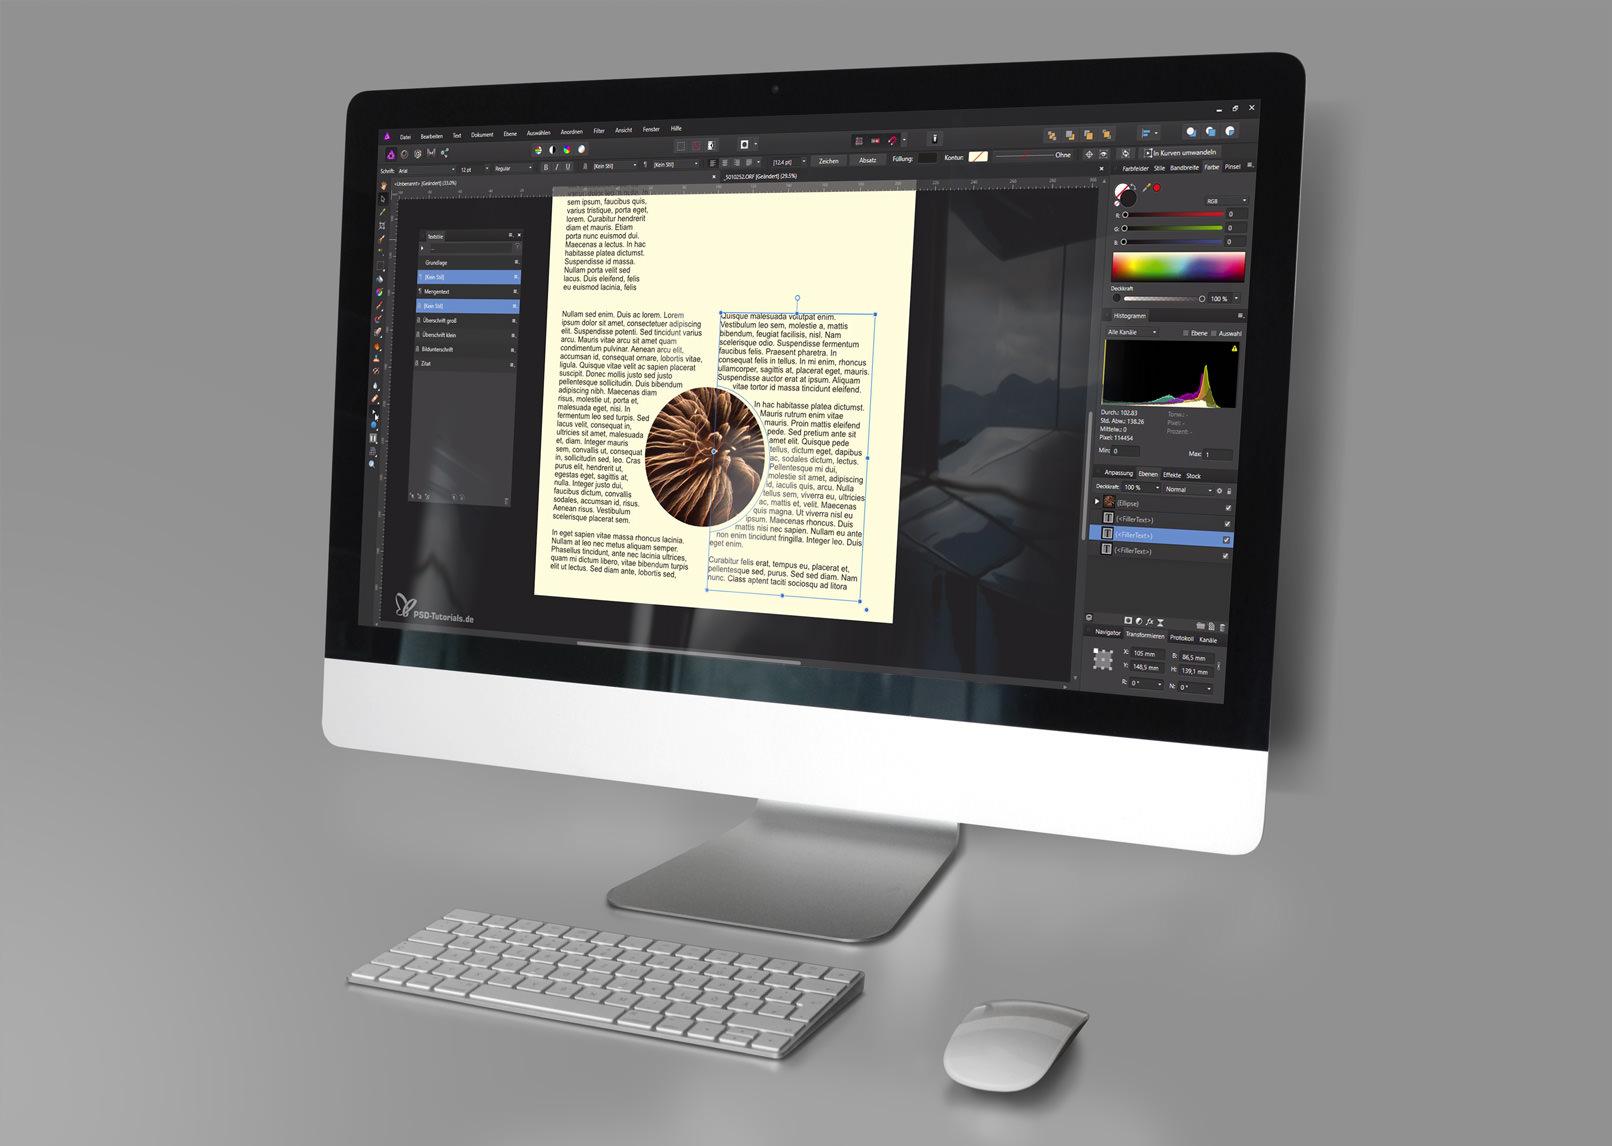 Affinity Photo bietet dir auch zahlreiche Möglichkeiten zur Textbearbeitung – lerne sie mit diesen Tutorials kennen!